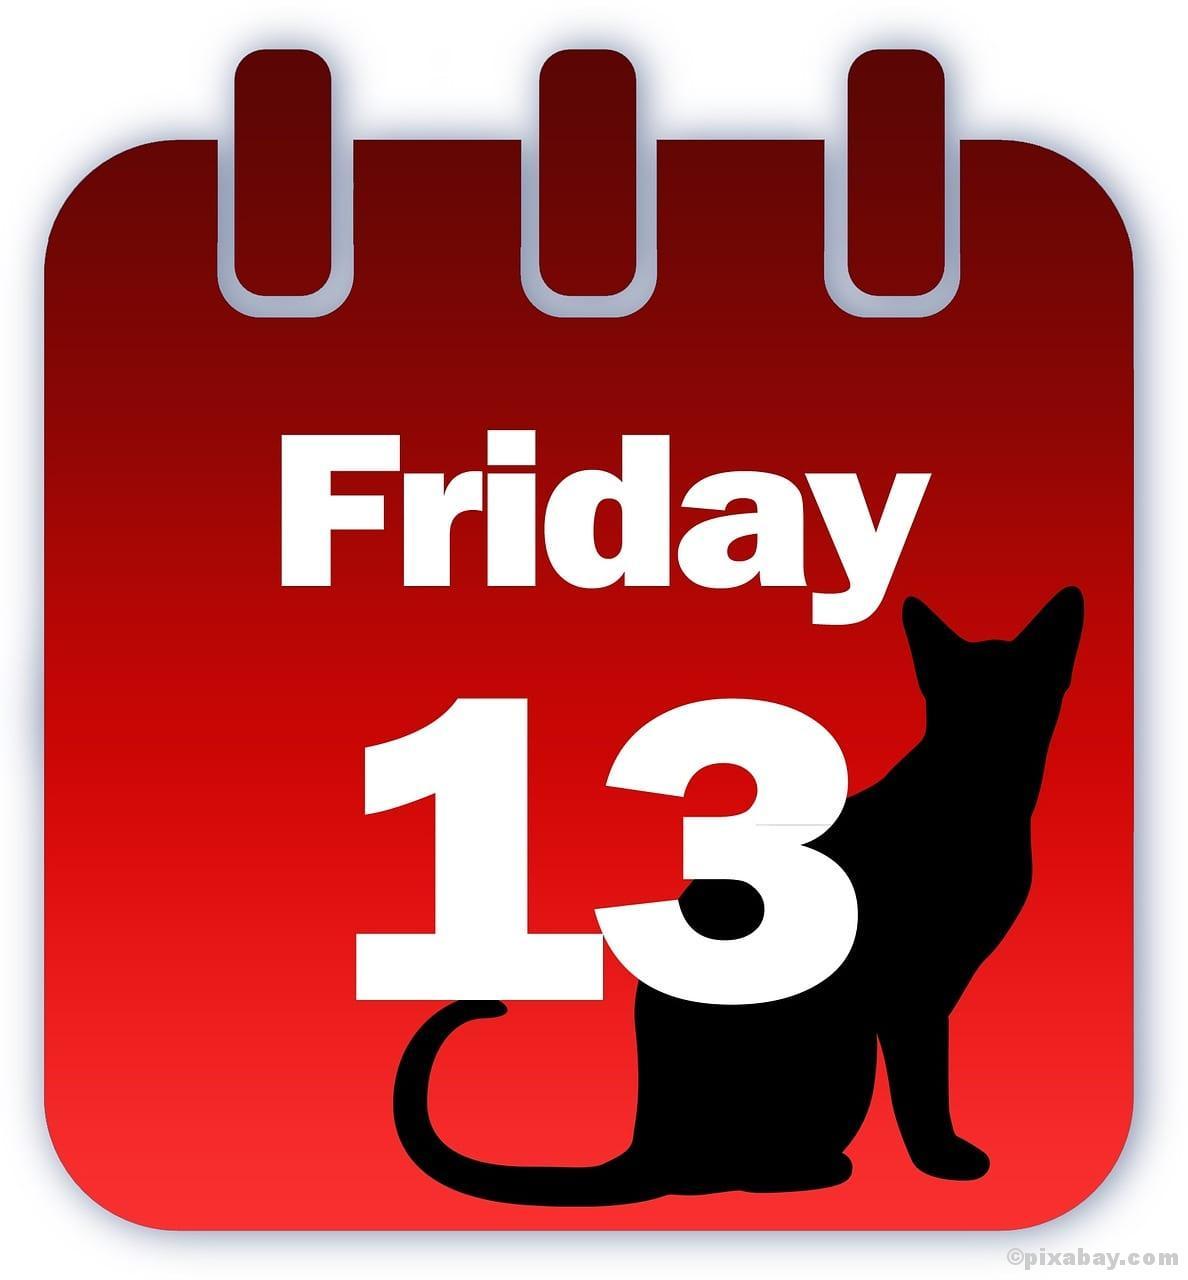 Freitag der 13, Aberglaube, schwarze Katze